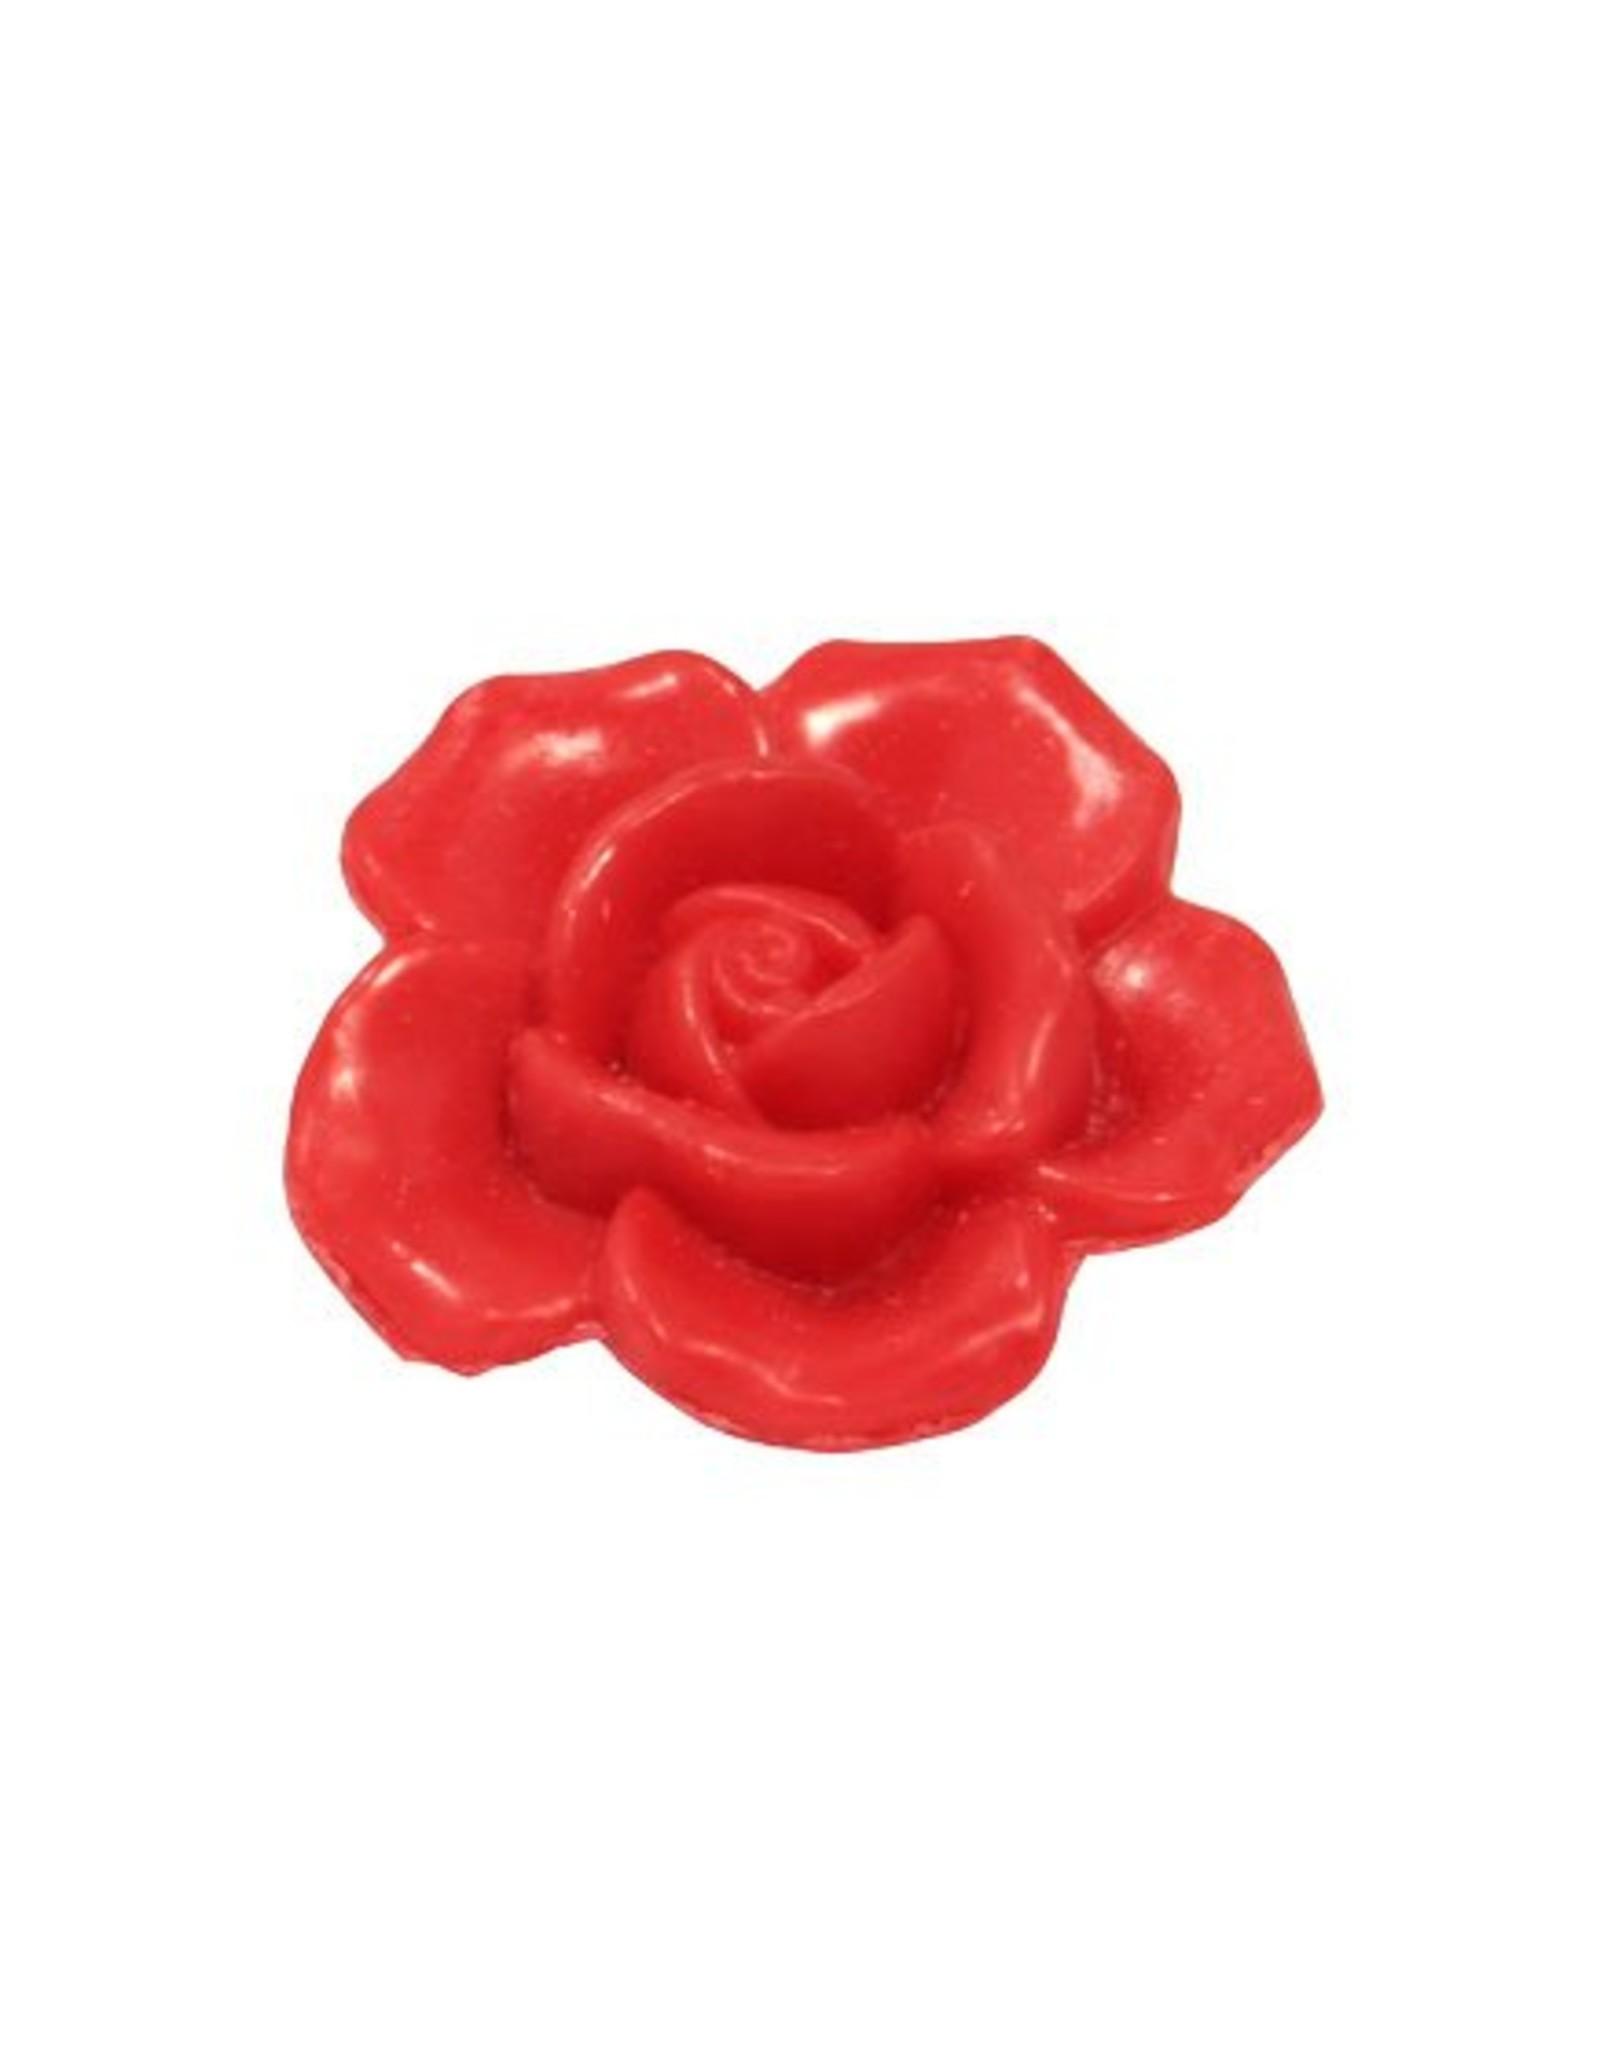 Zeep Rood Roosje - Body & Soap